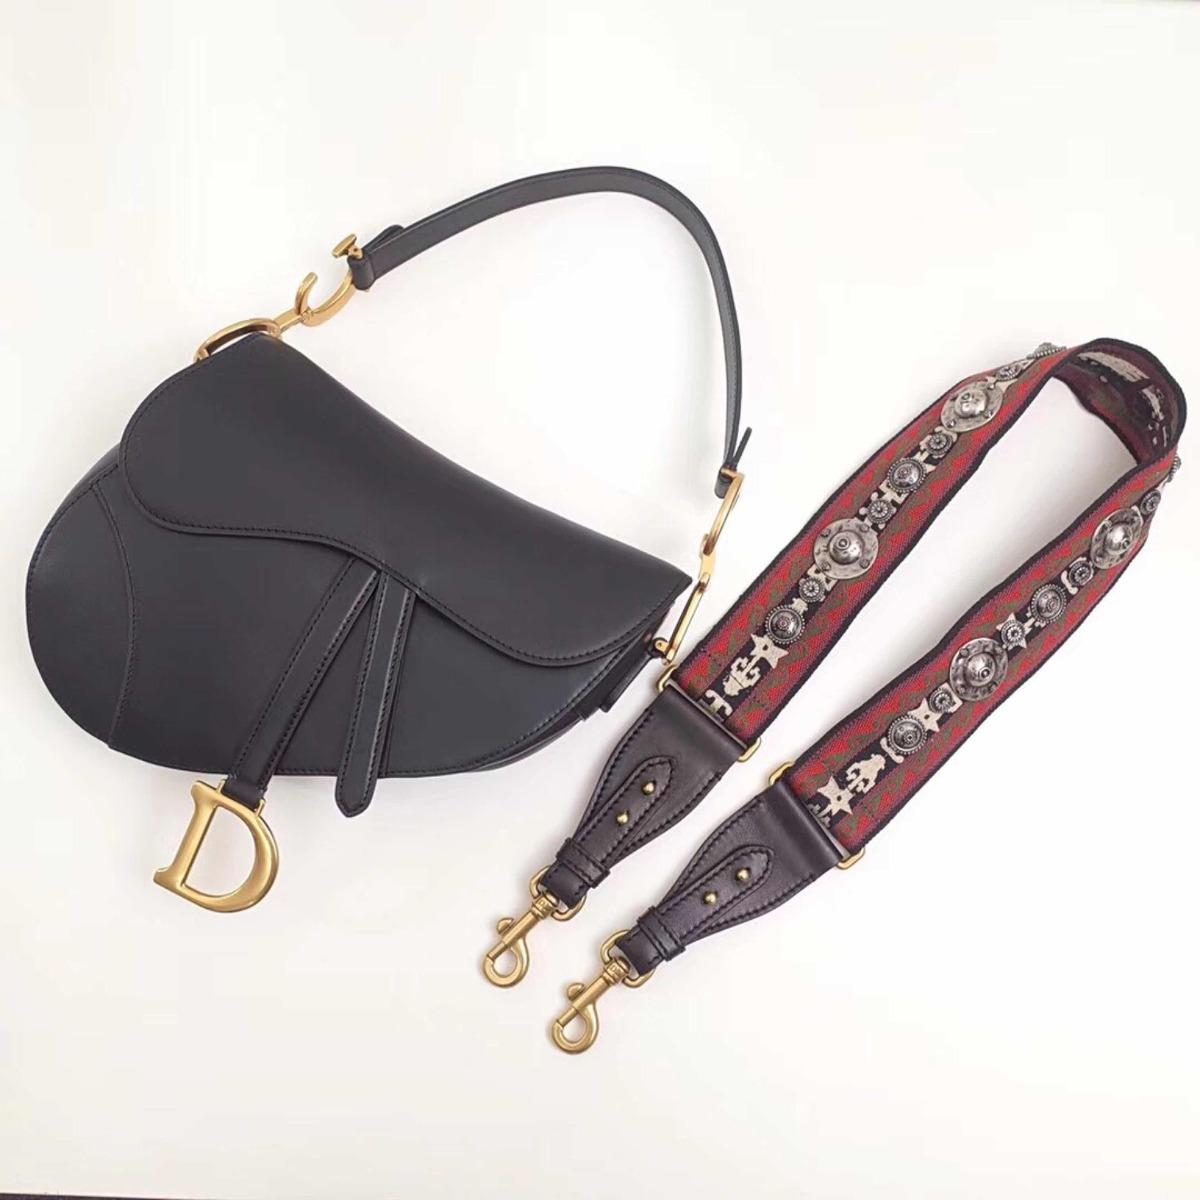 699b57ec145 Bolsa Dior Saddle Preto Com 2 Alças Pronta Entrega Orig Novo - R ...